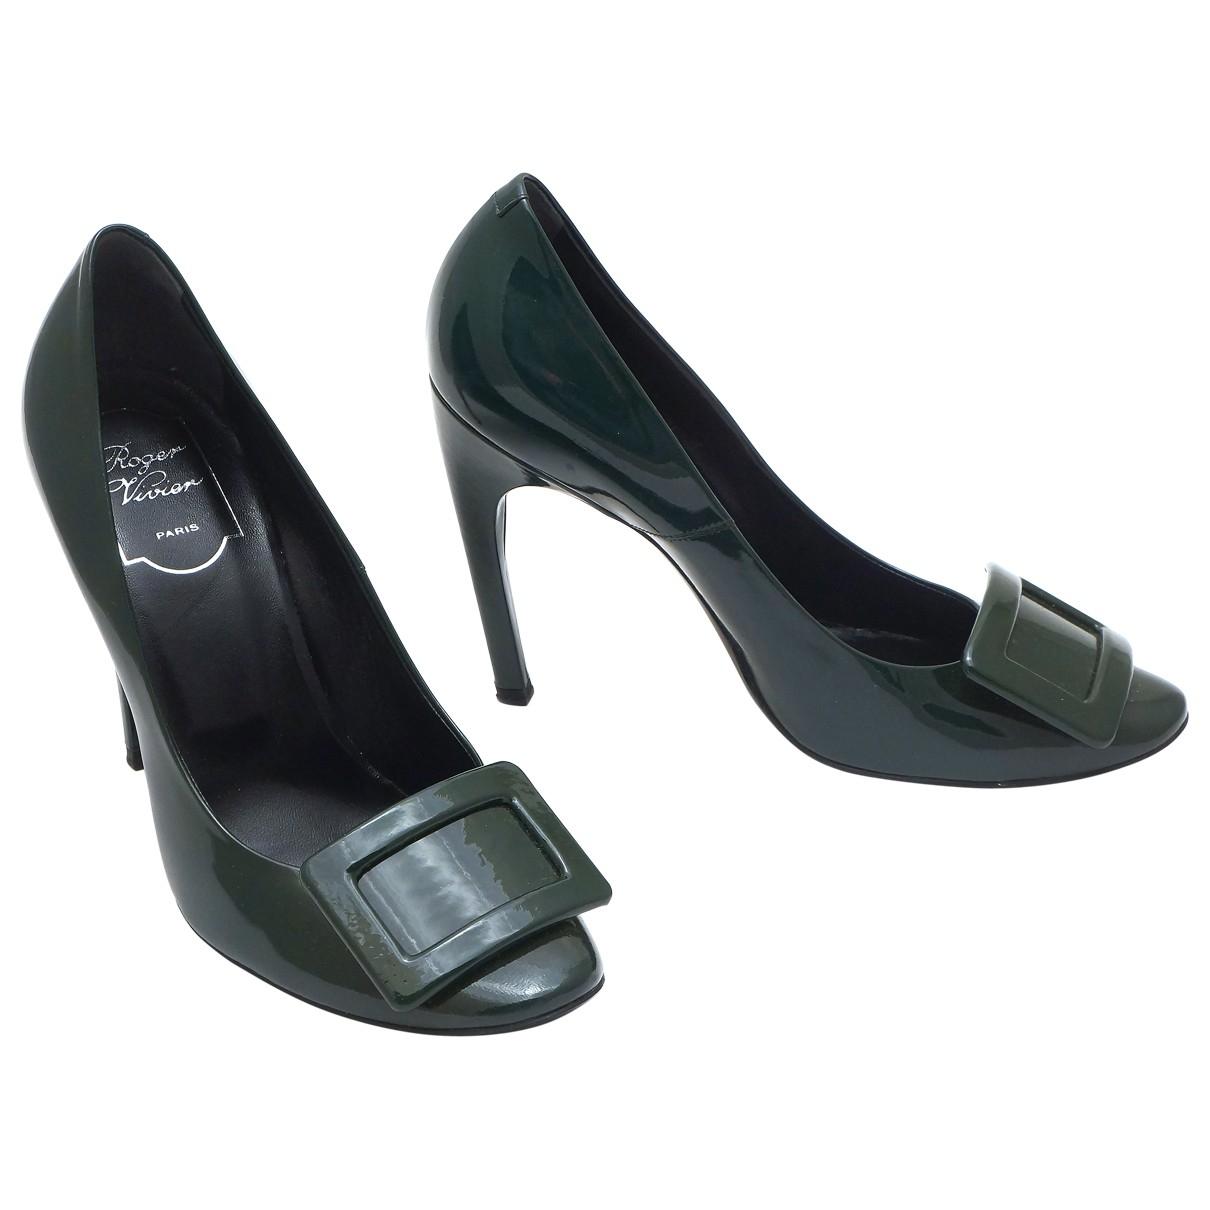 Roger Vivier - Escarpins   pour femme en cuir verni - vert